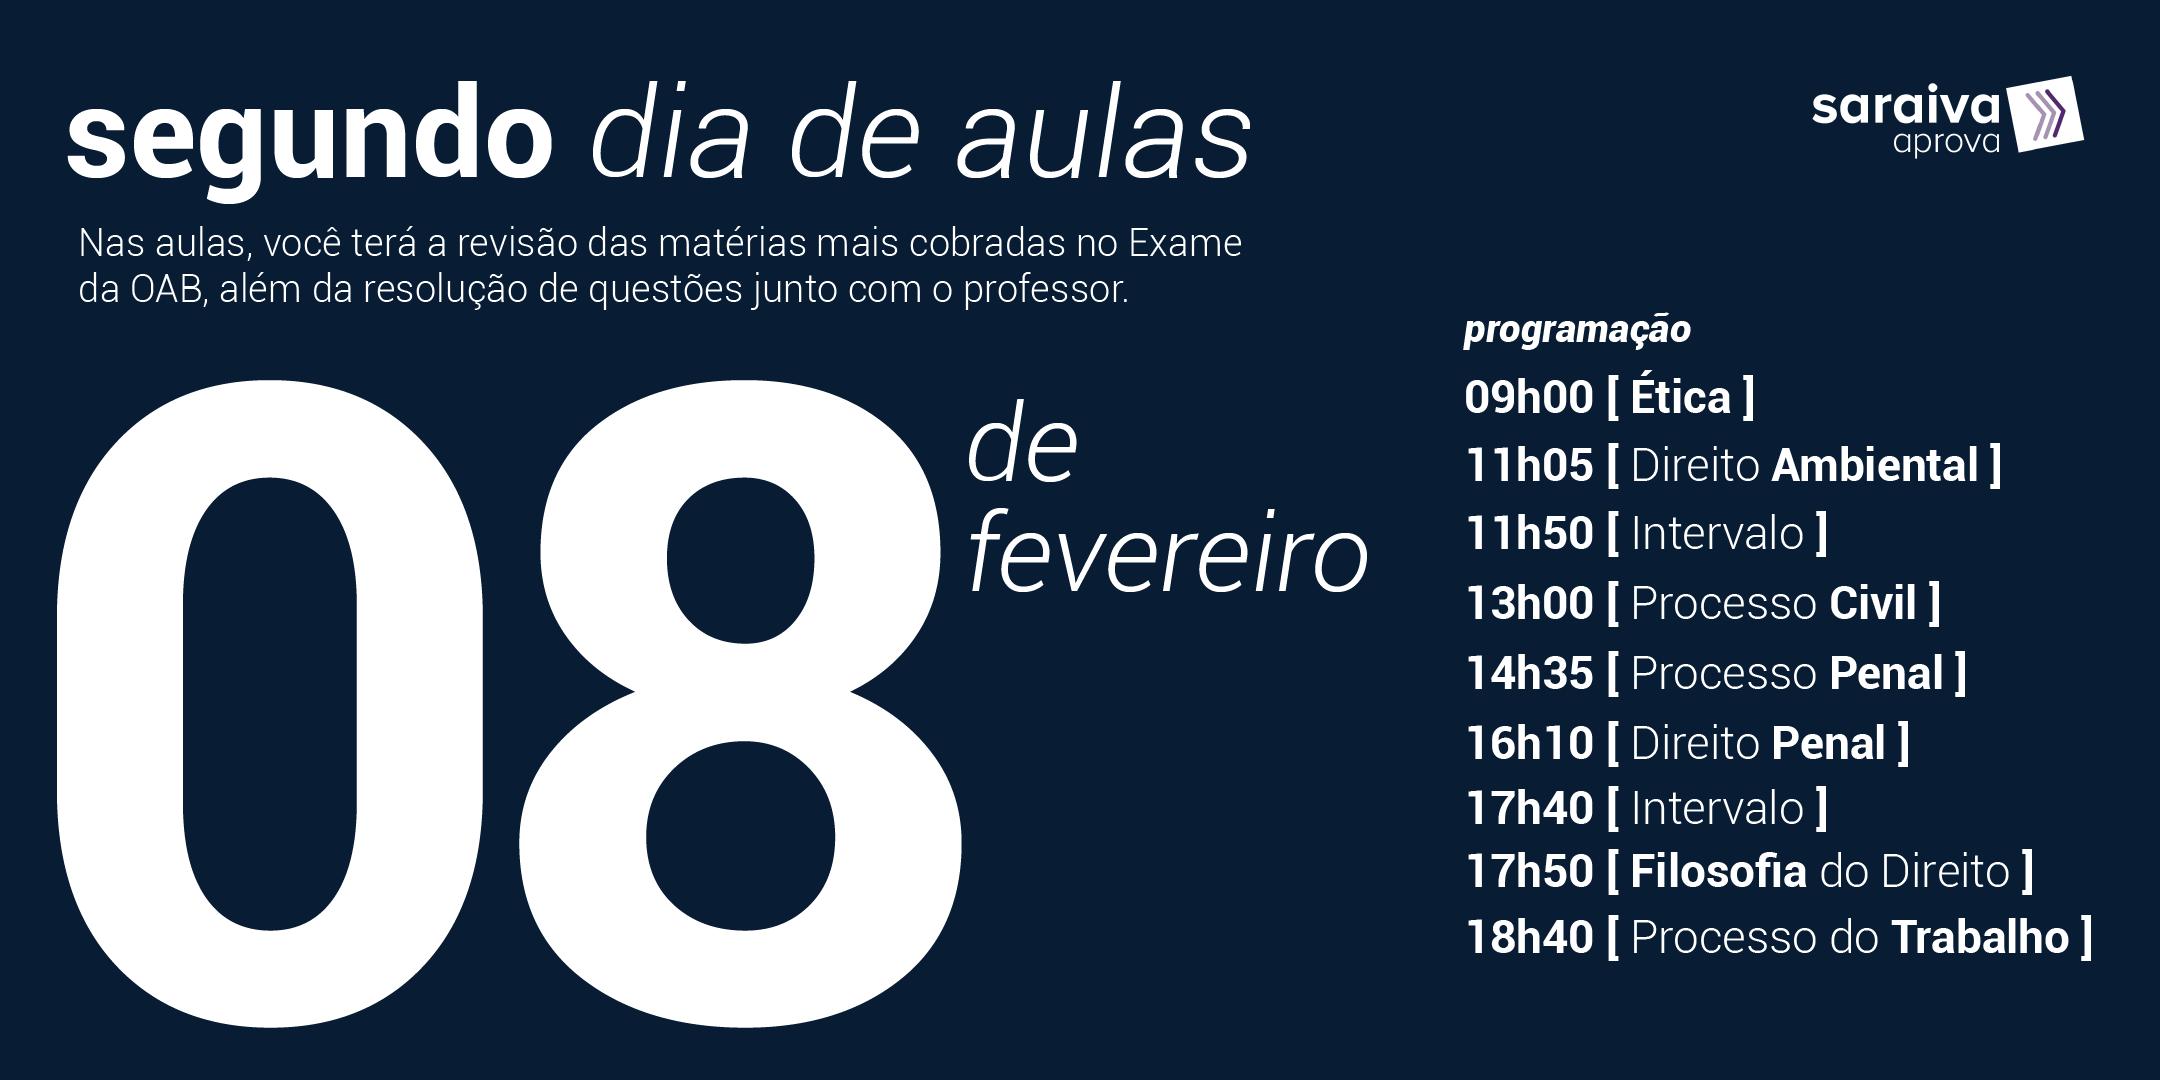 Cronograma com as aulas da maratona OAB do dia 8 de fevereiro